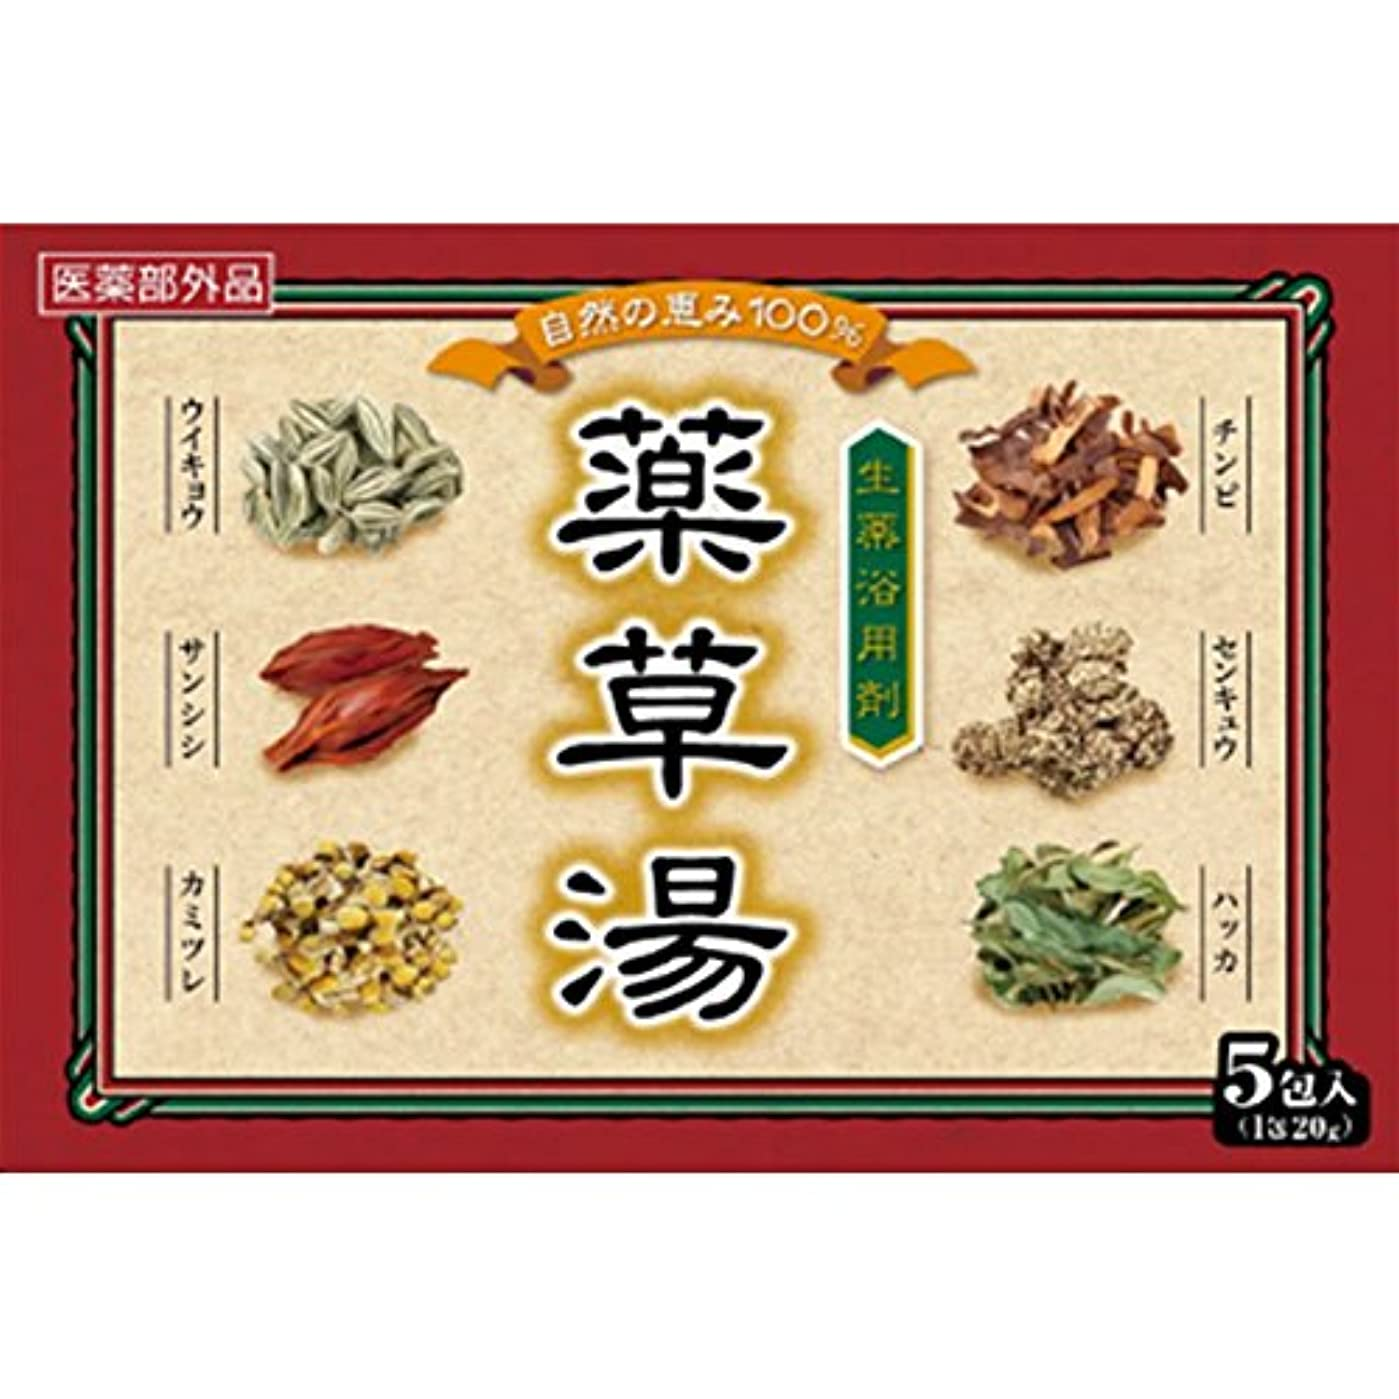 大洪水民兵人形生薬浴用剤 薬草湯5包×9